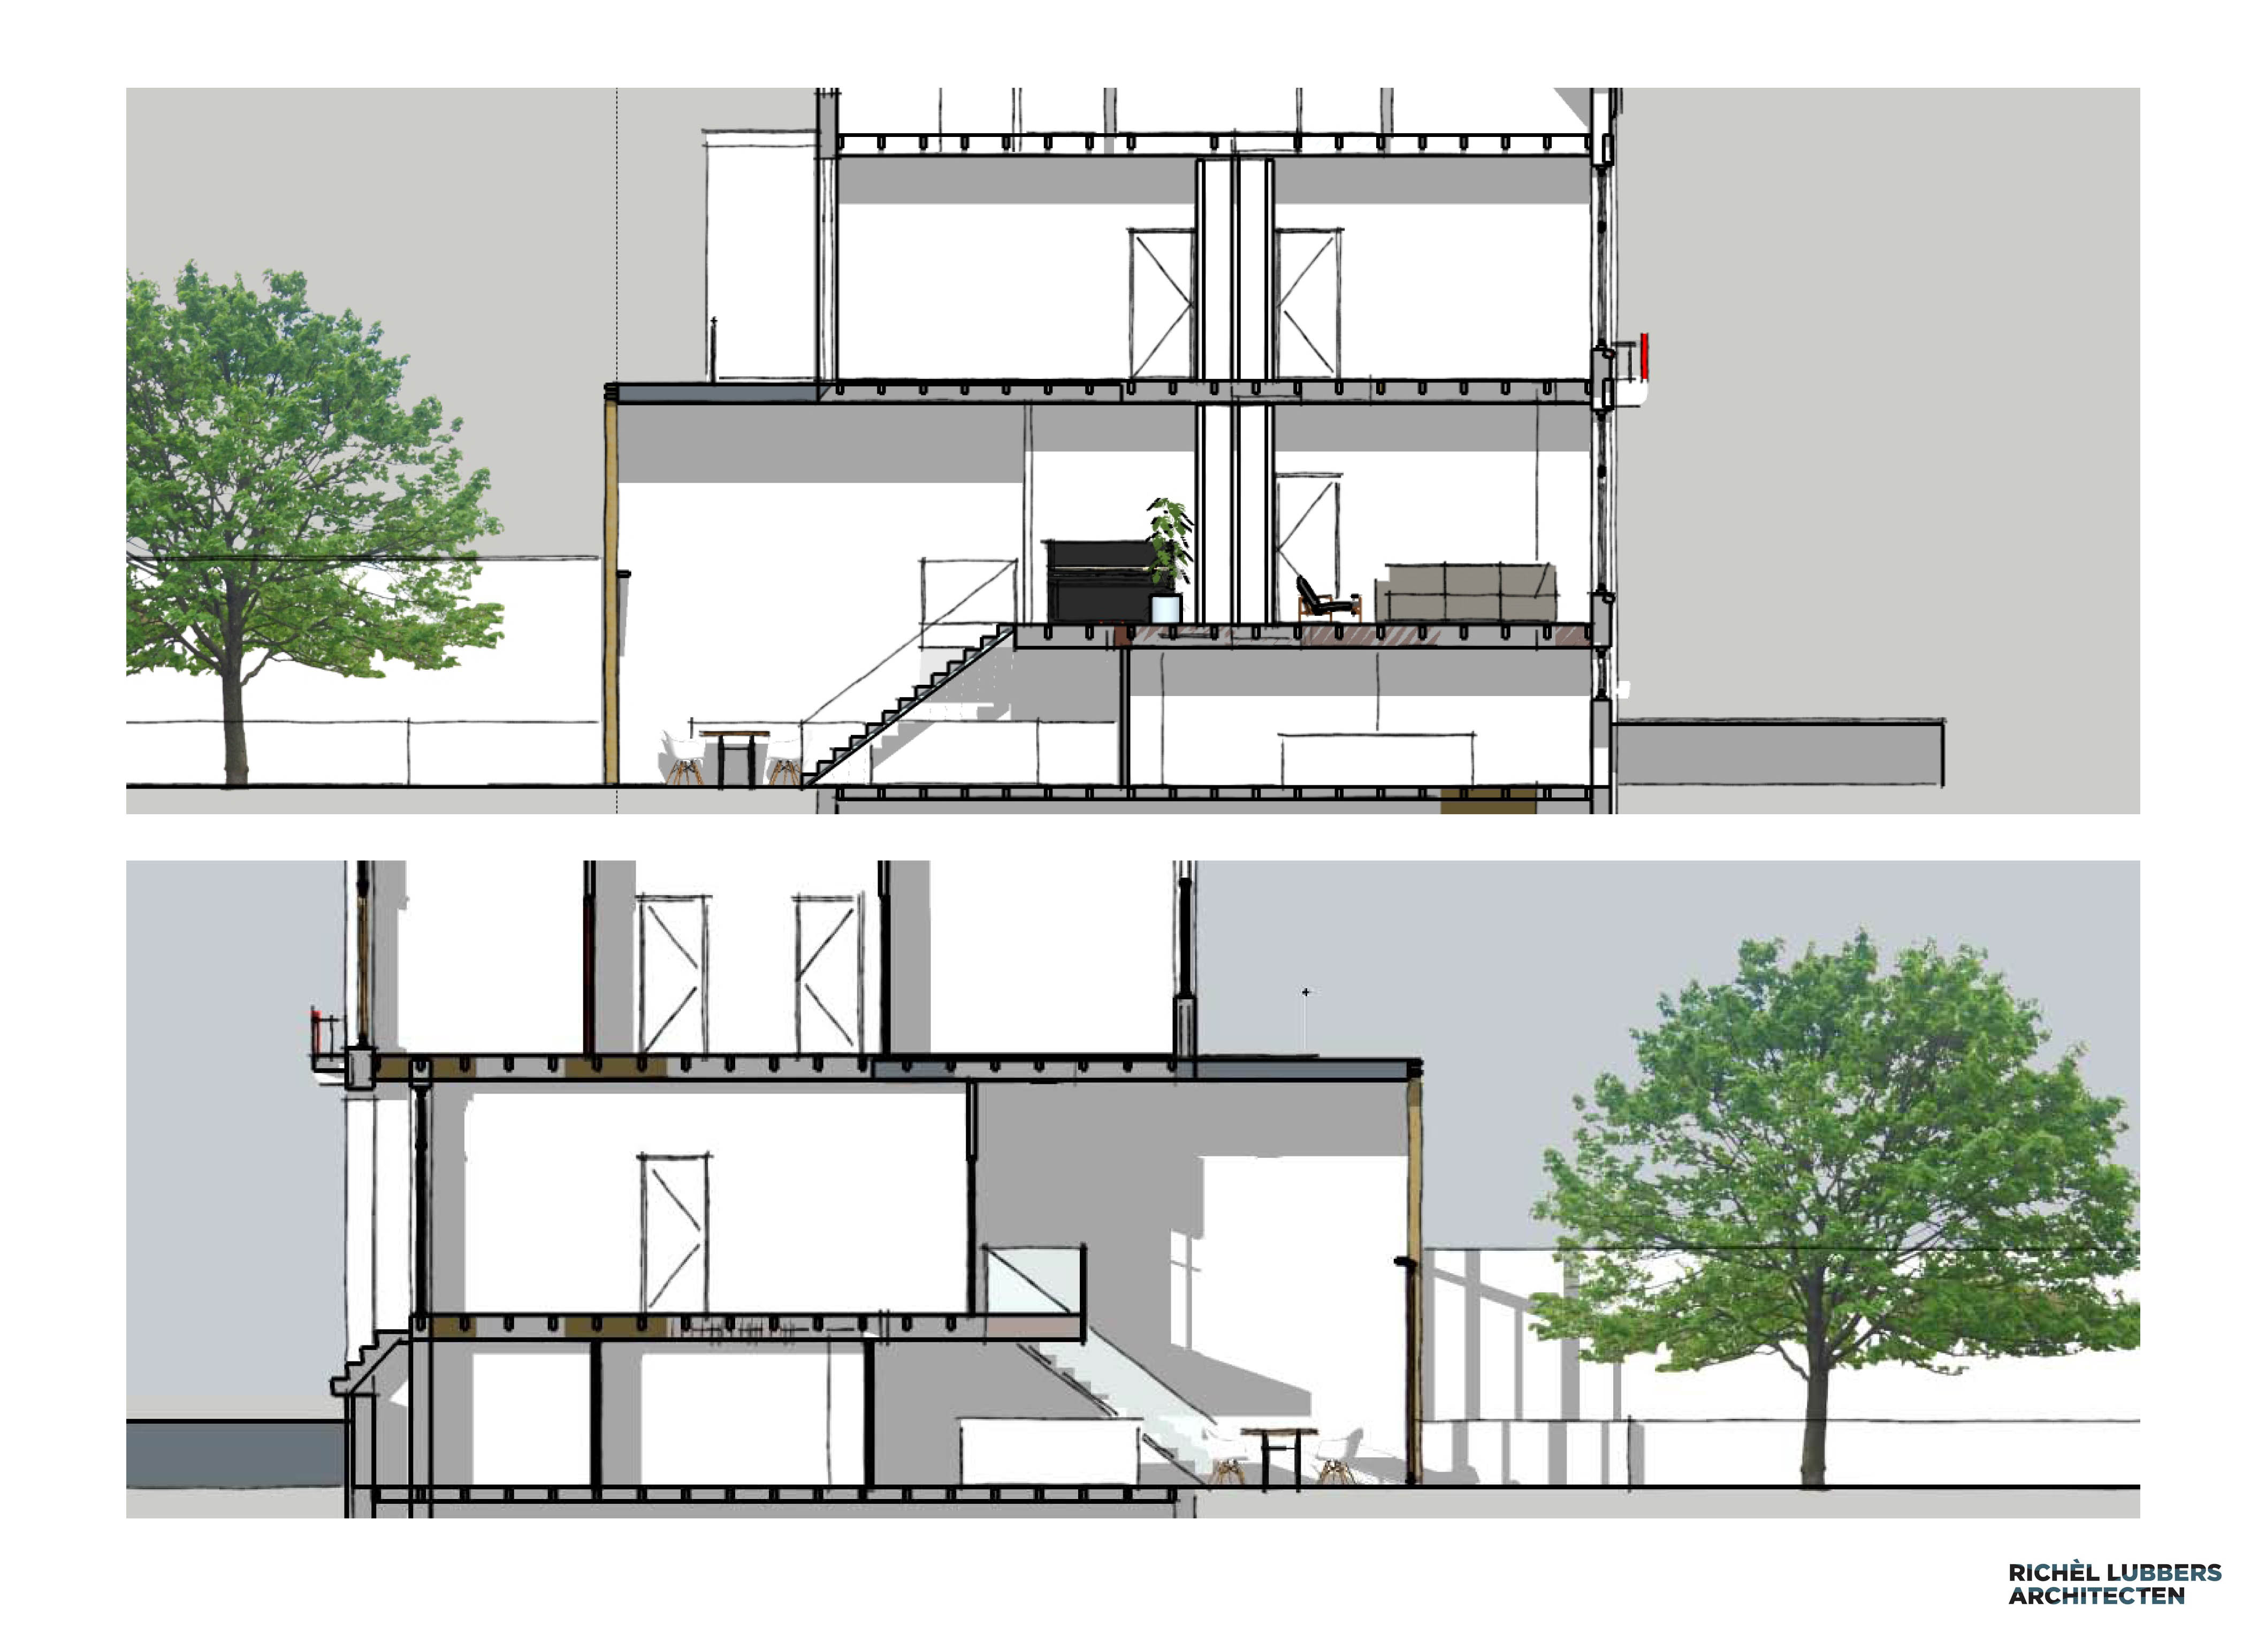 <p>Richèl Lubbers Architecten</p>